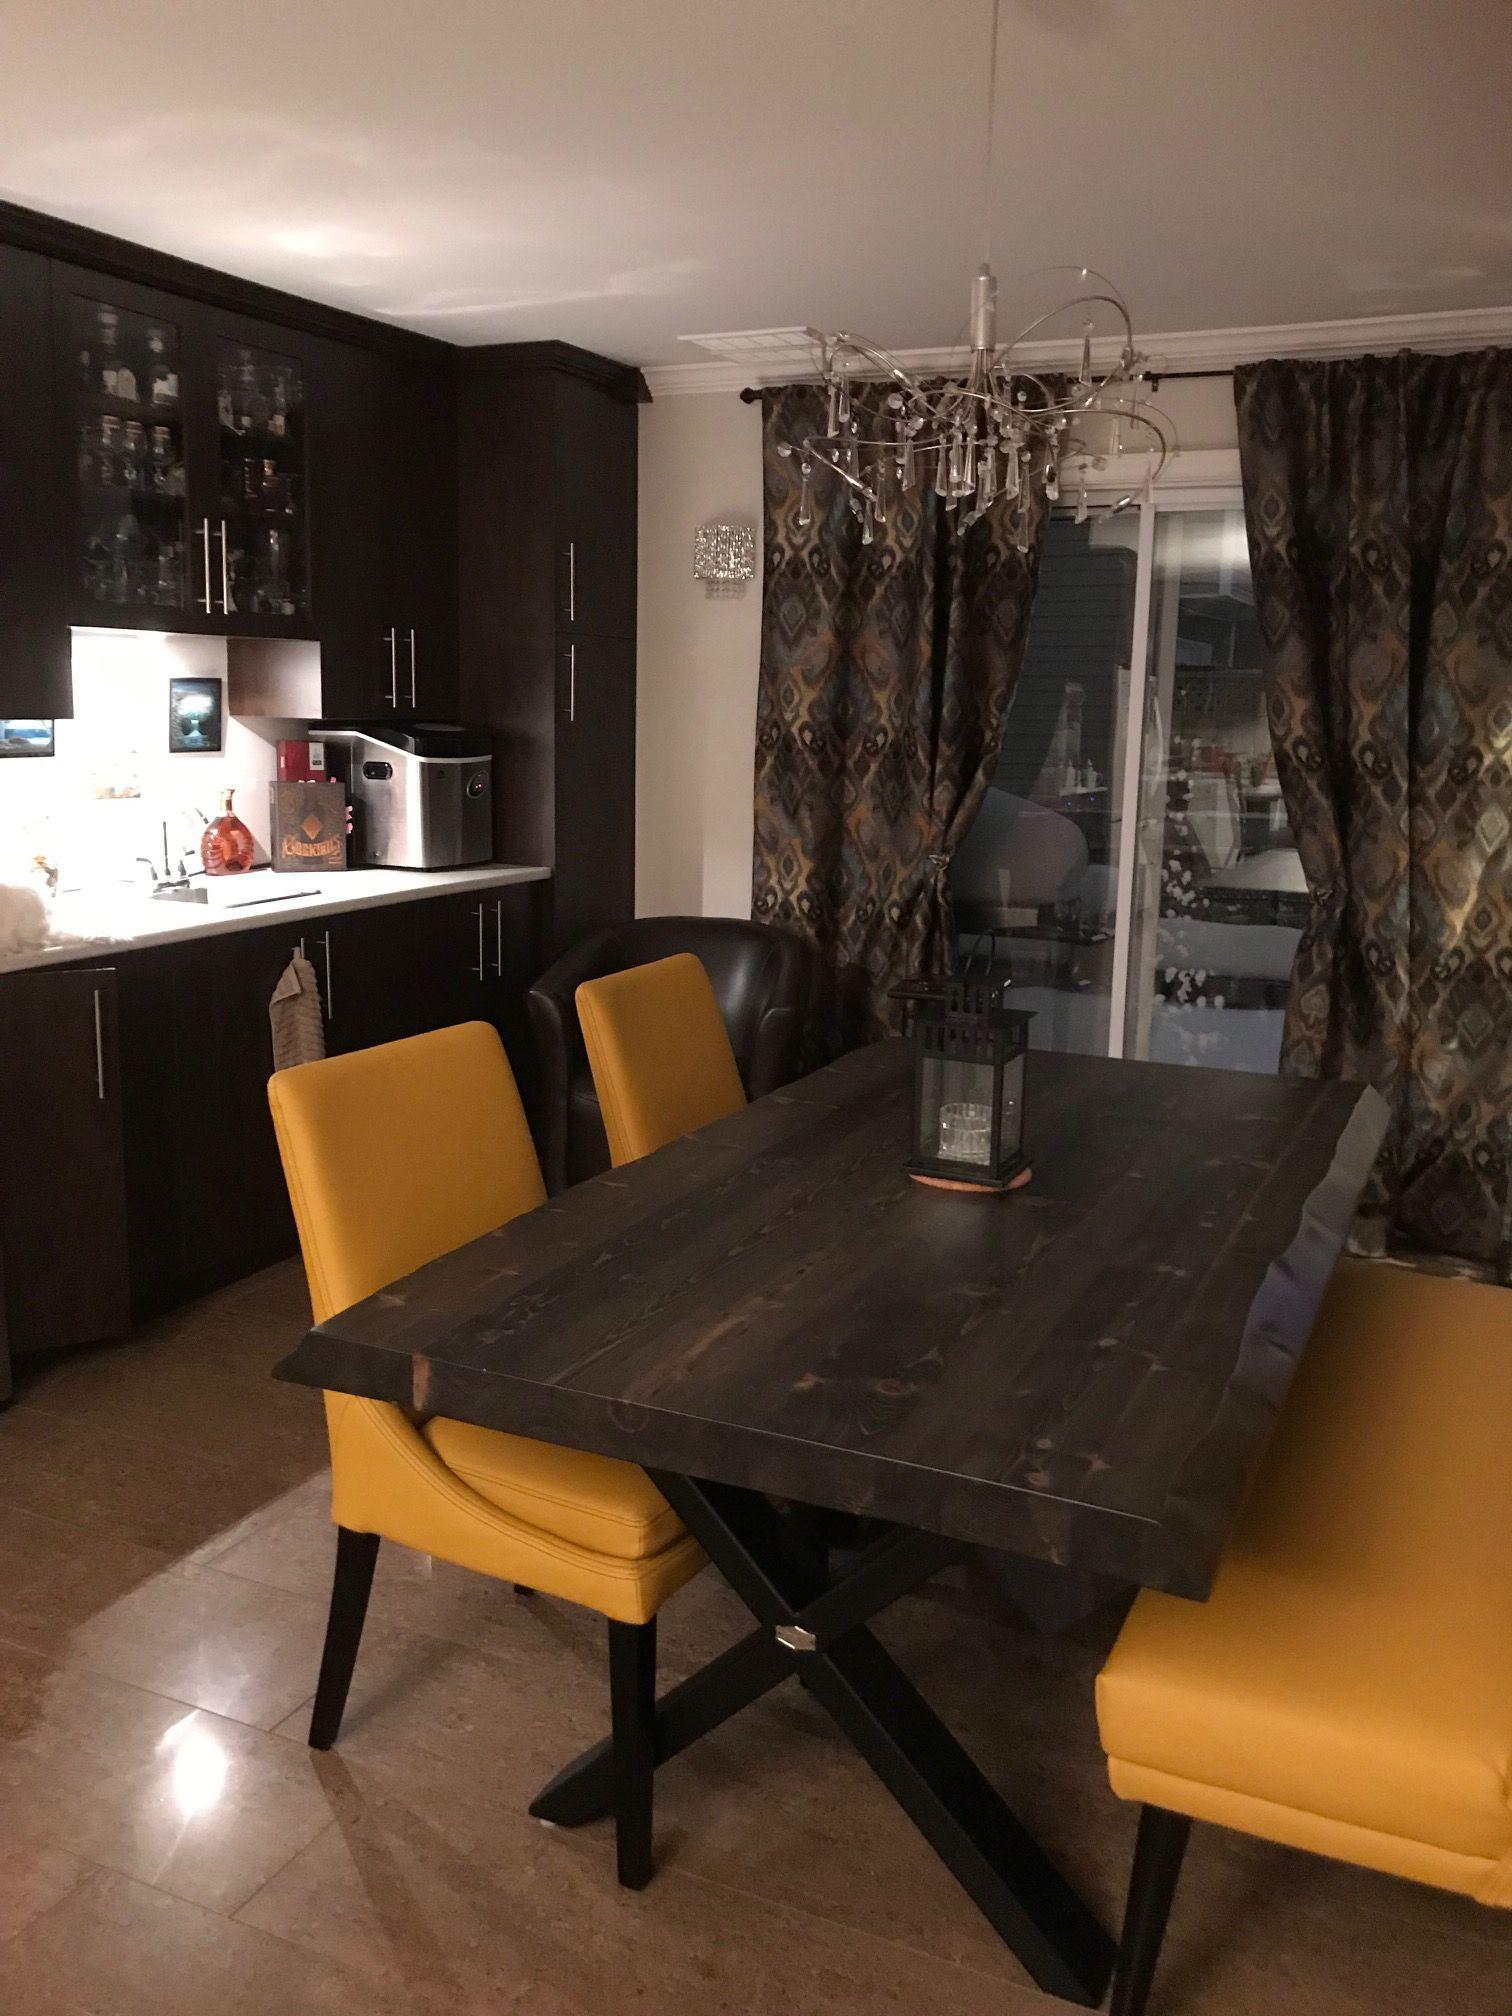 Table Selena Bois De Grange Stout 72 X 40 3 Epais Cotes Ondules Banquette Meridian Cu018 Jaune Et Chaises Sinatr Home Decor Table Furniture